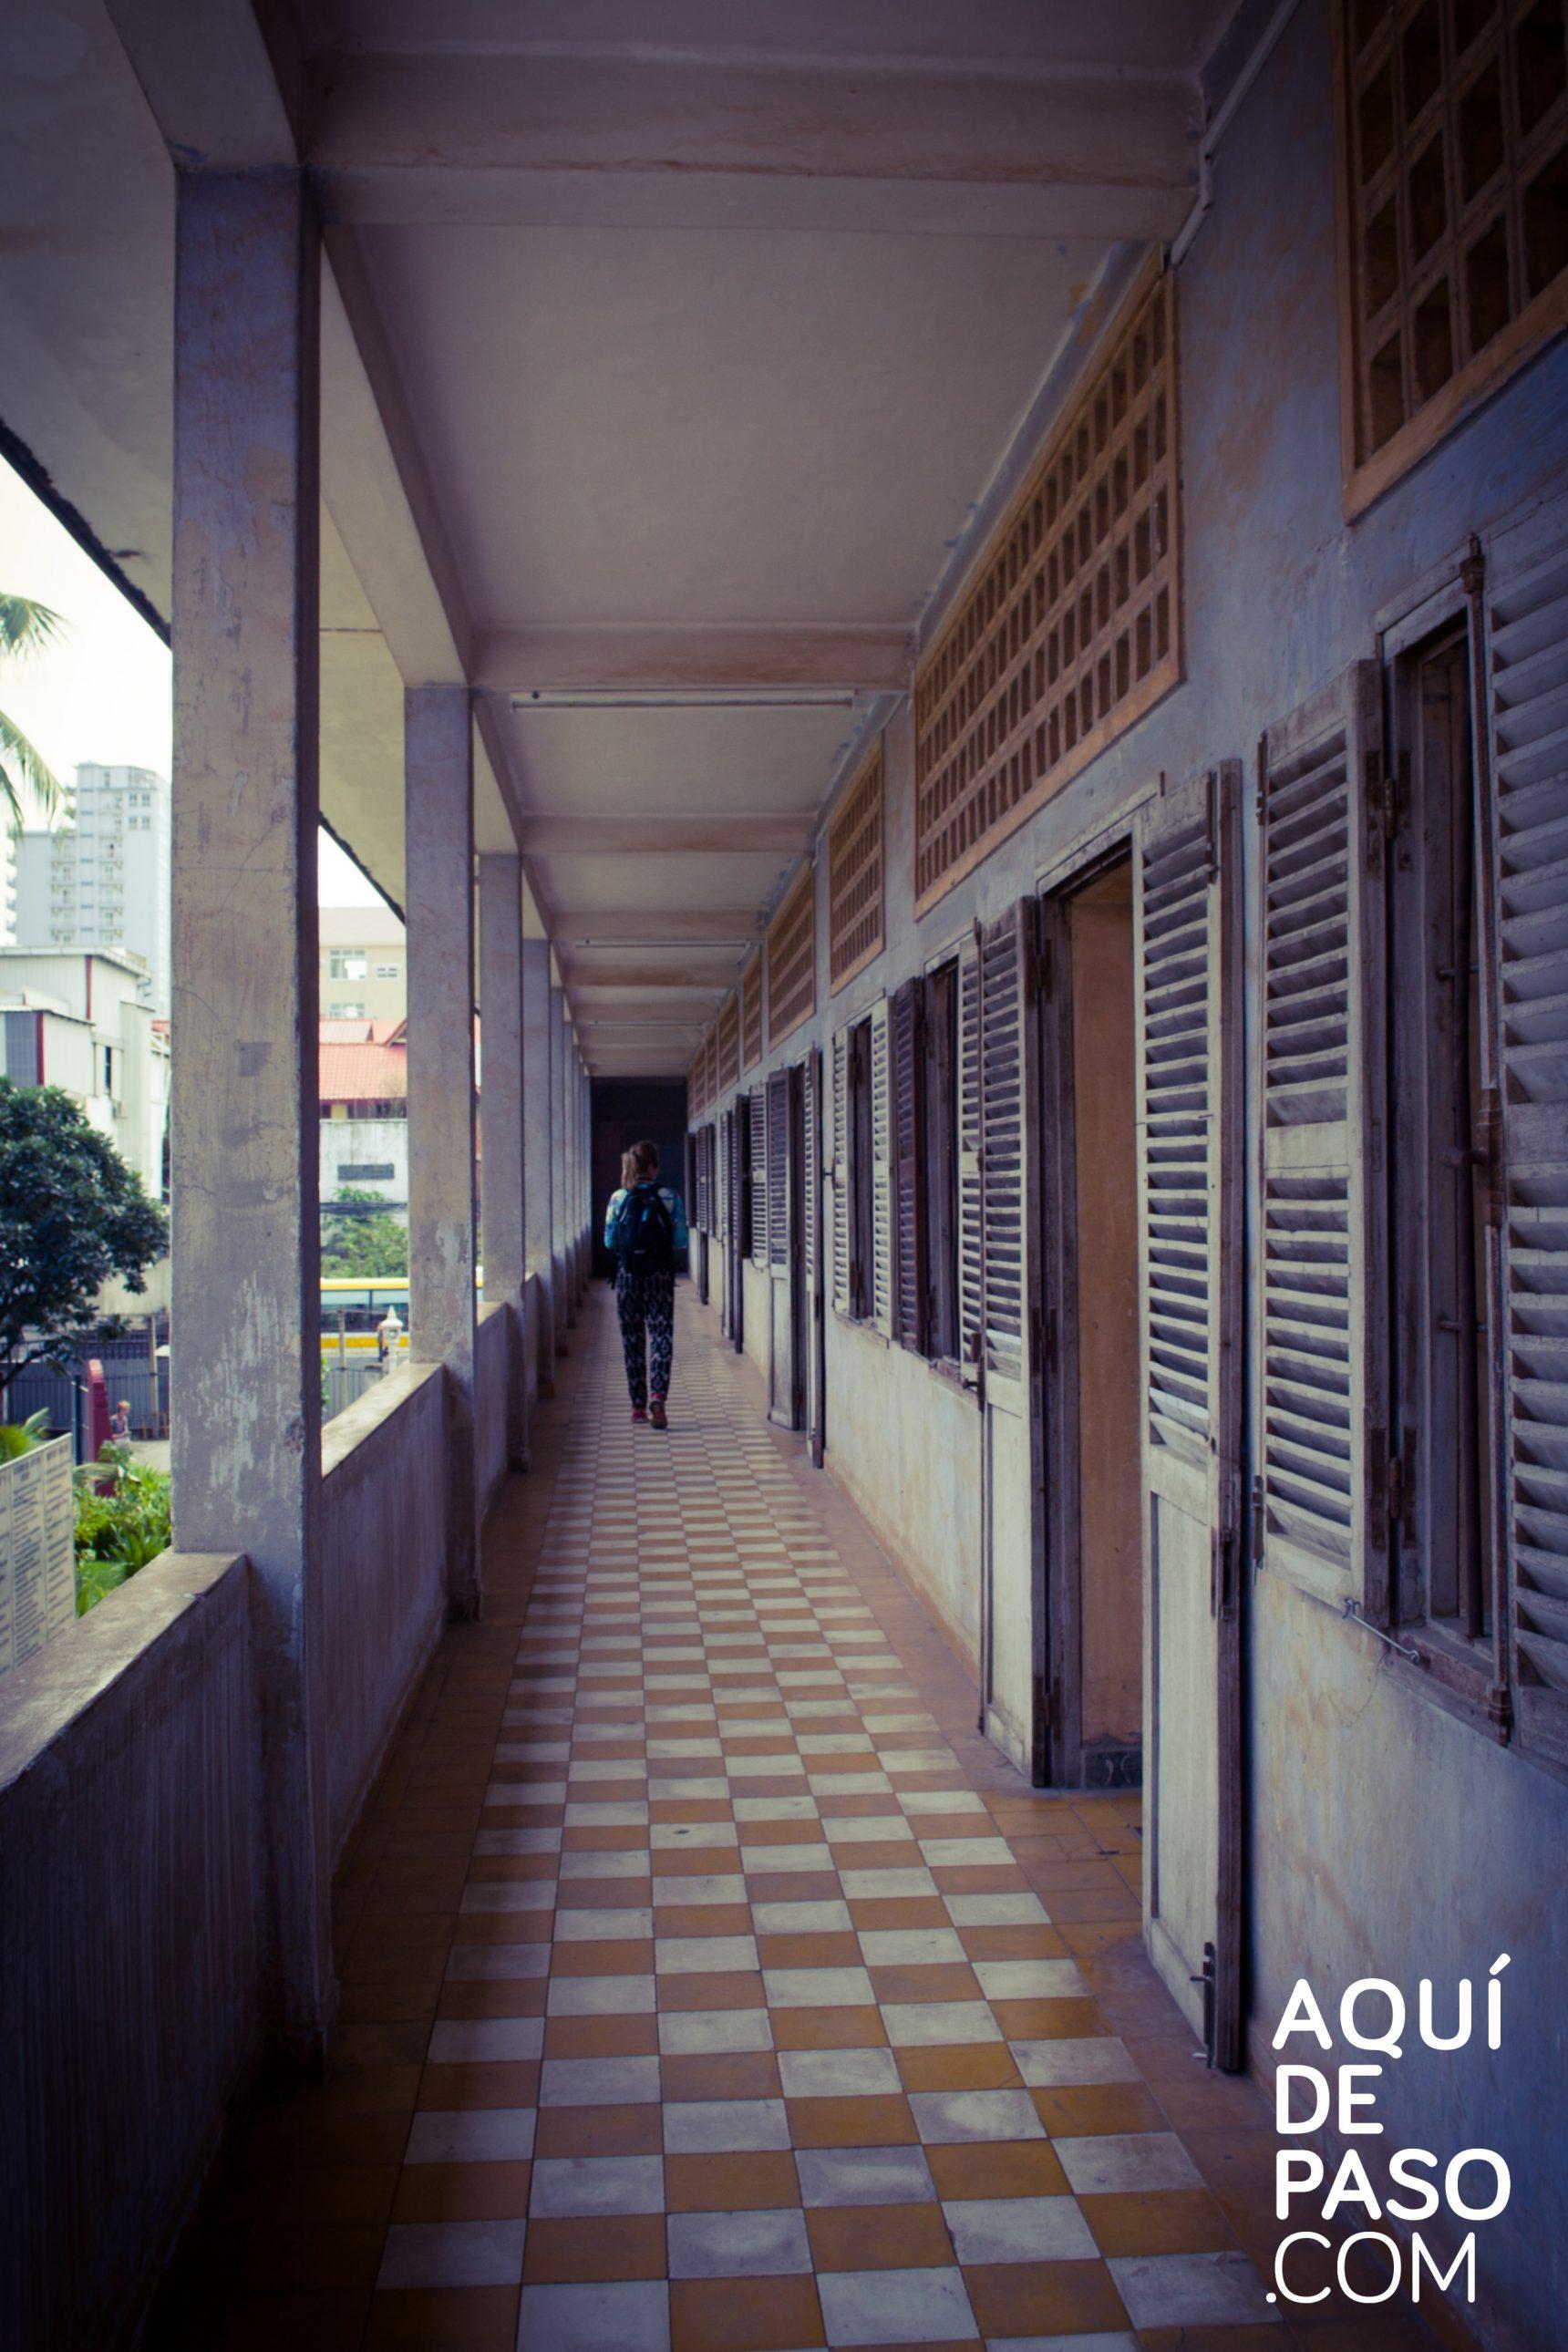 s21 genocidio camboyano - aquidepaso.com